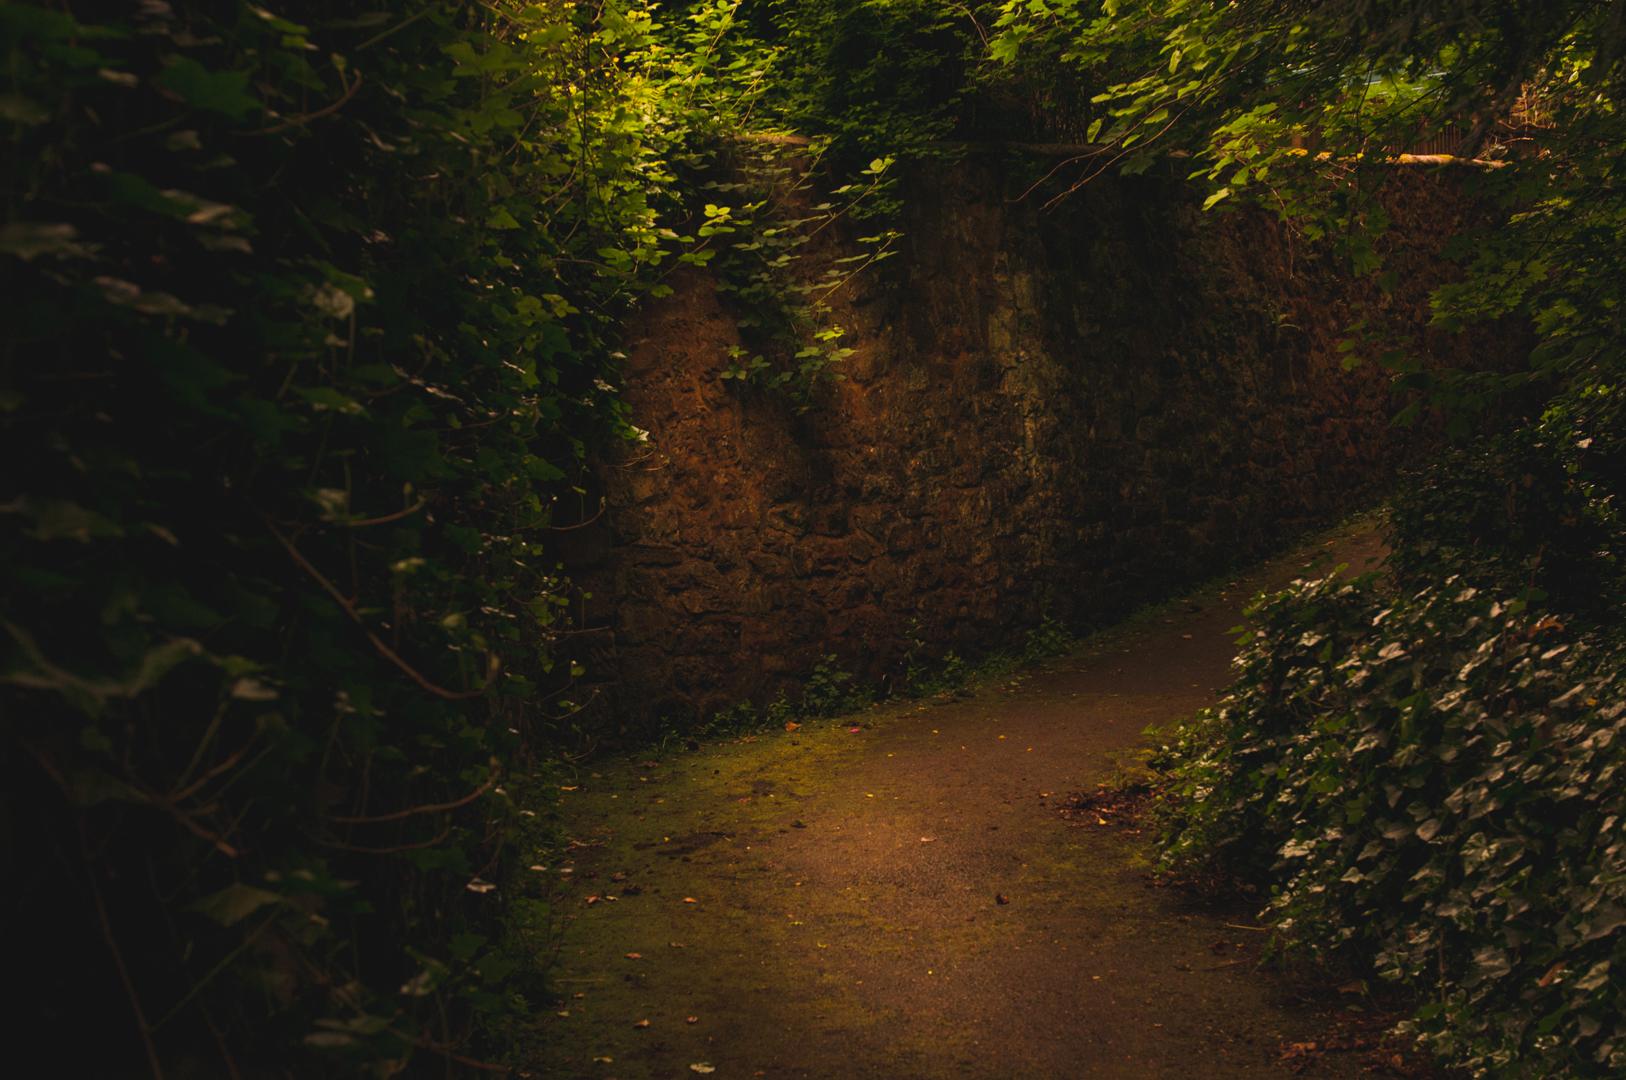 Tajemniczy ogrod-170601-8807.jpg